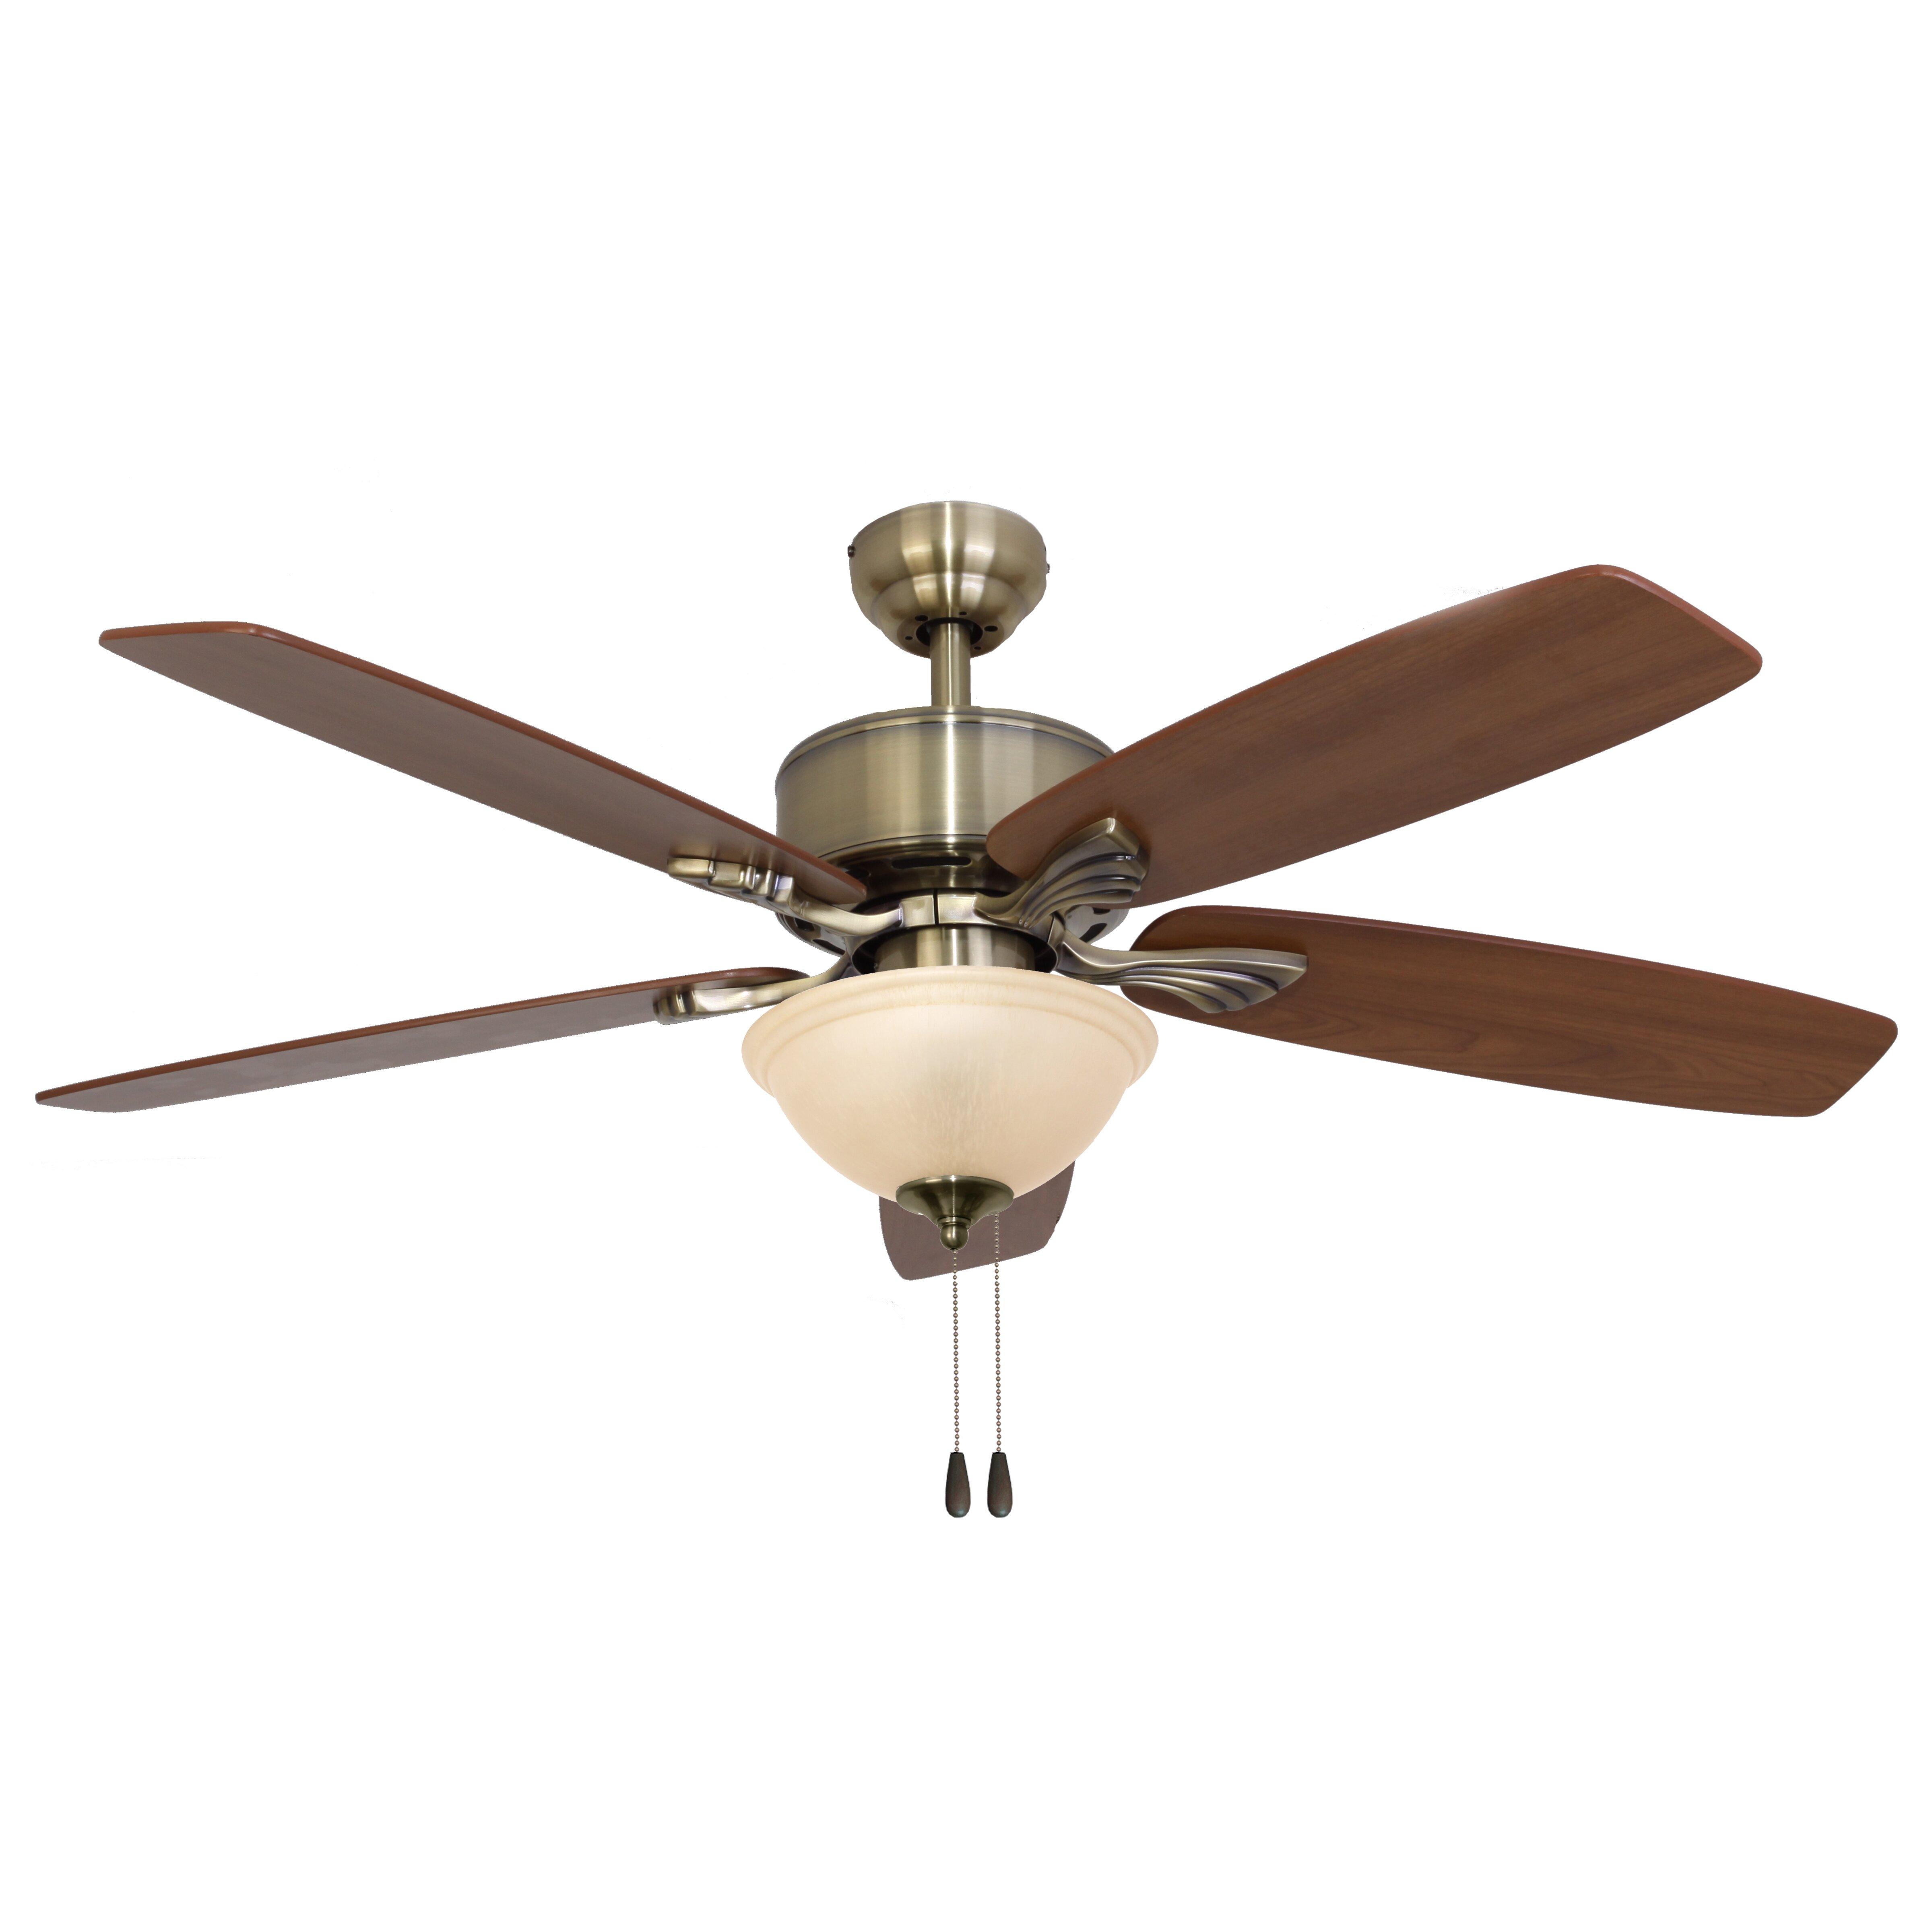 """Landscape Lighting Northbrook: 52"""" Northport Bowl Light 5 Blade Ceiling Fan"""